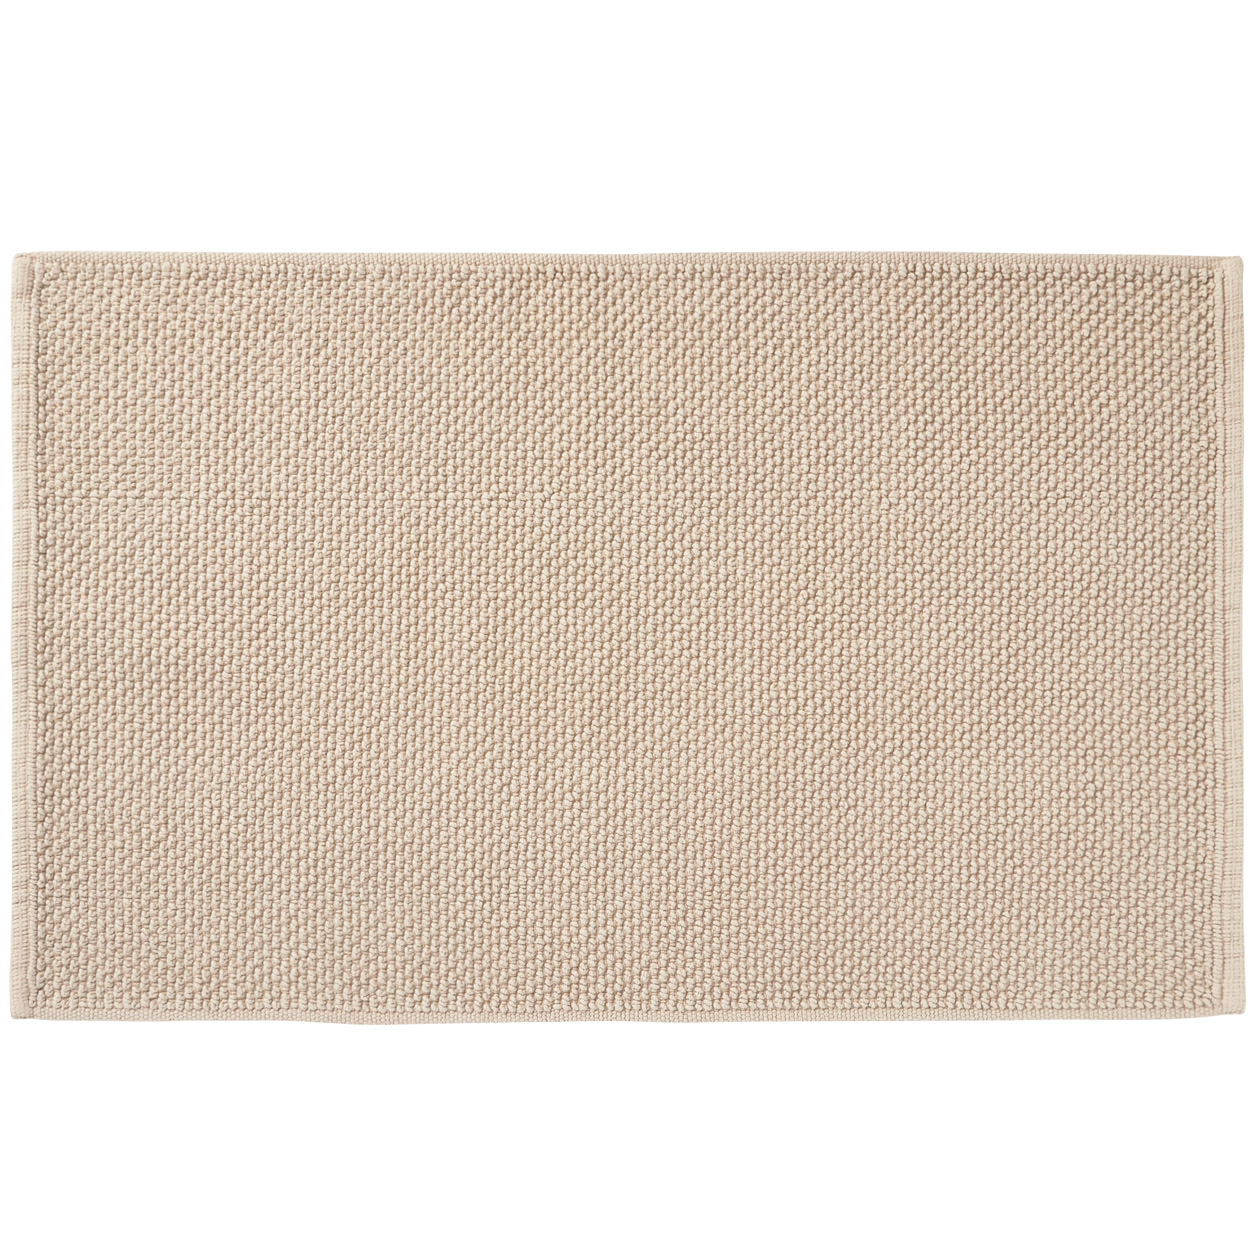 インド綿手織パイルバスマット・M/ベージュ M/ベージュ